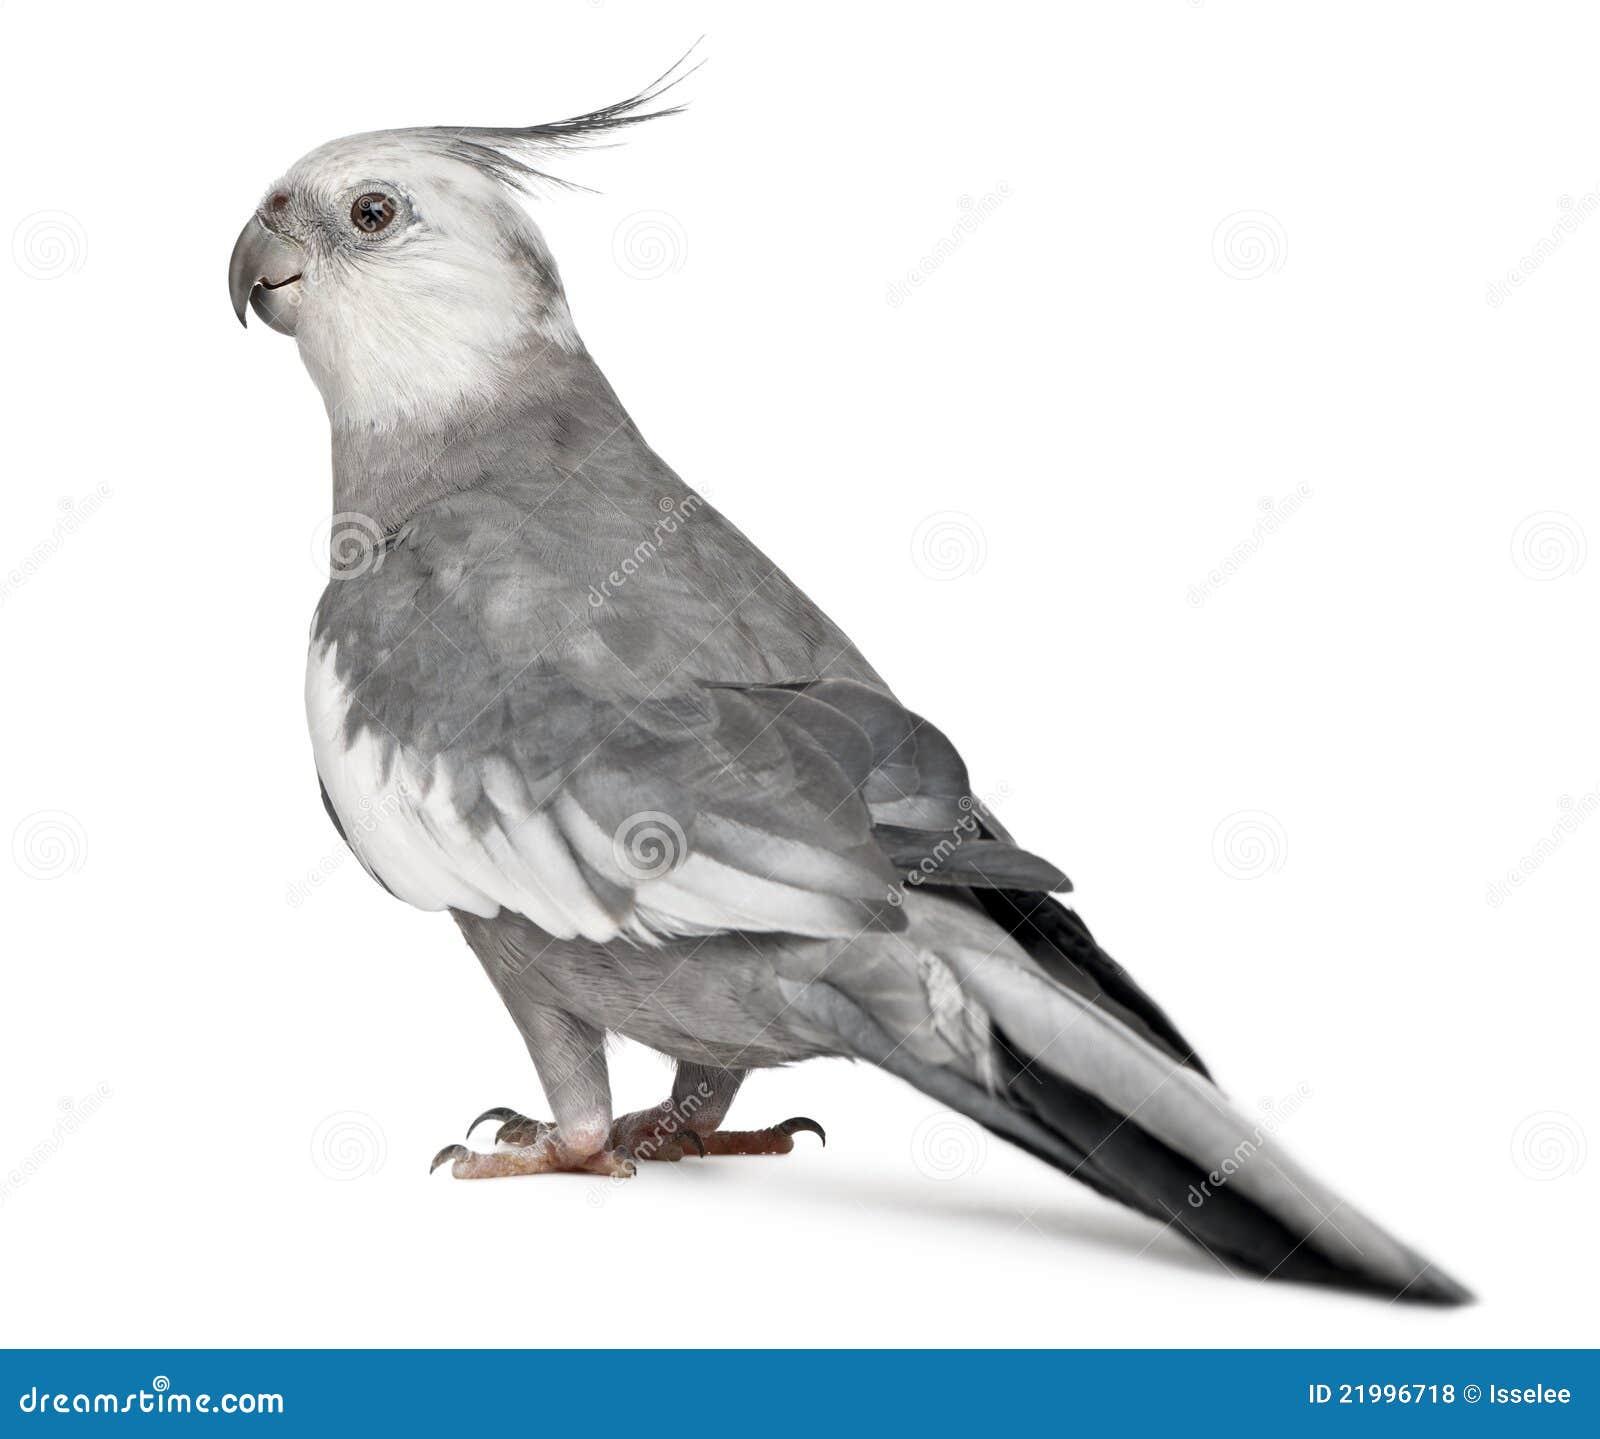 Male Cockatiel, Nymphi...